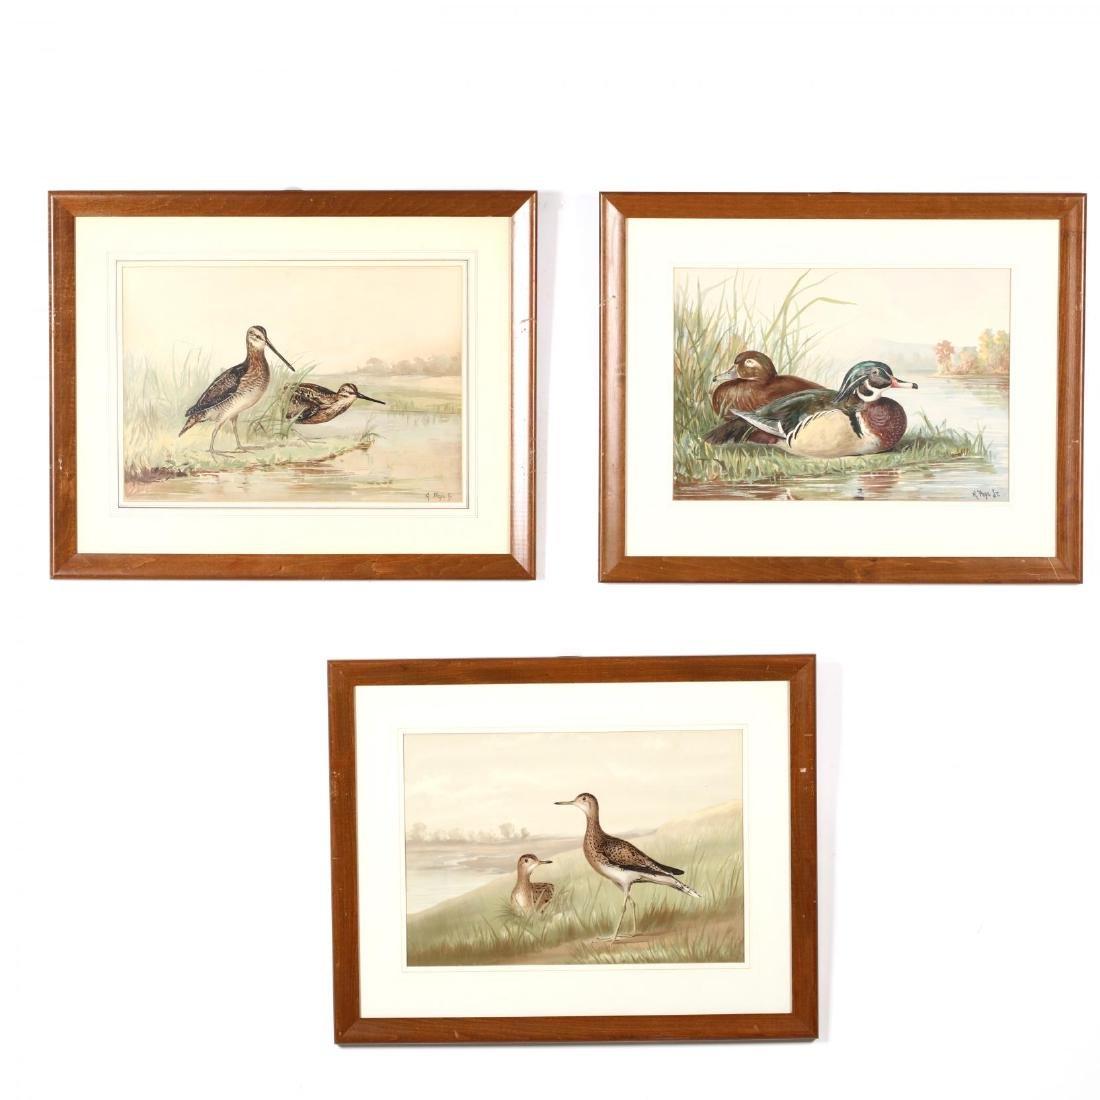 Alexander Pope Jr. (American, 1849-1924), Three Works